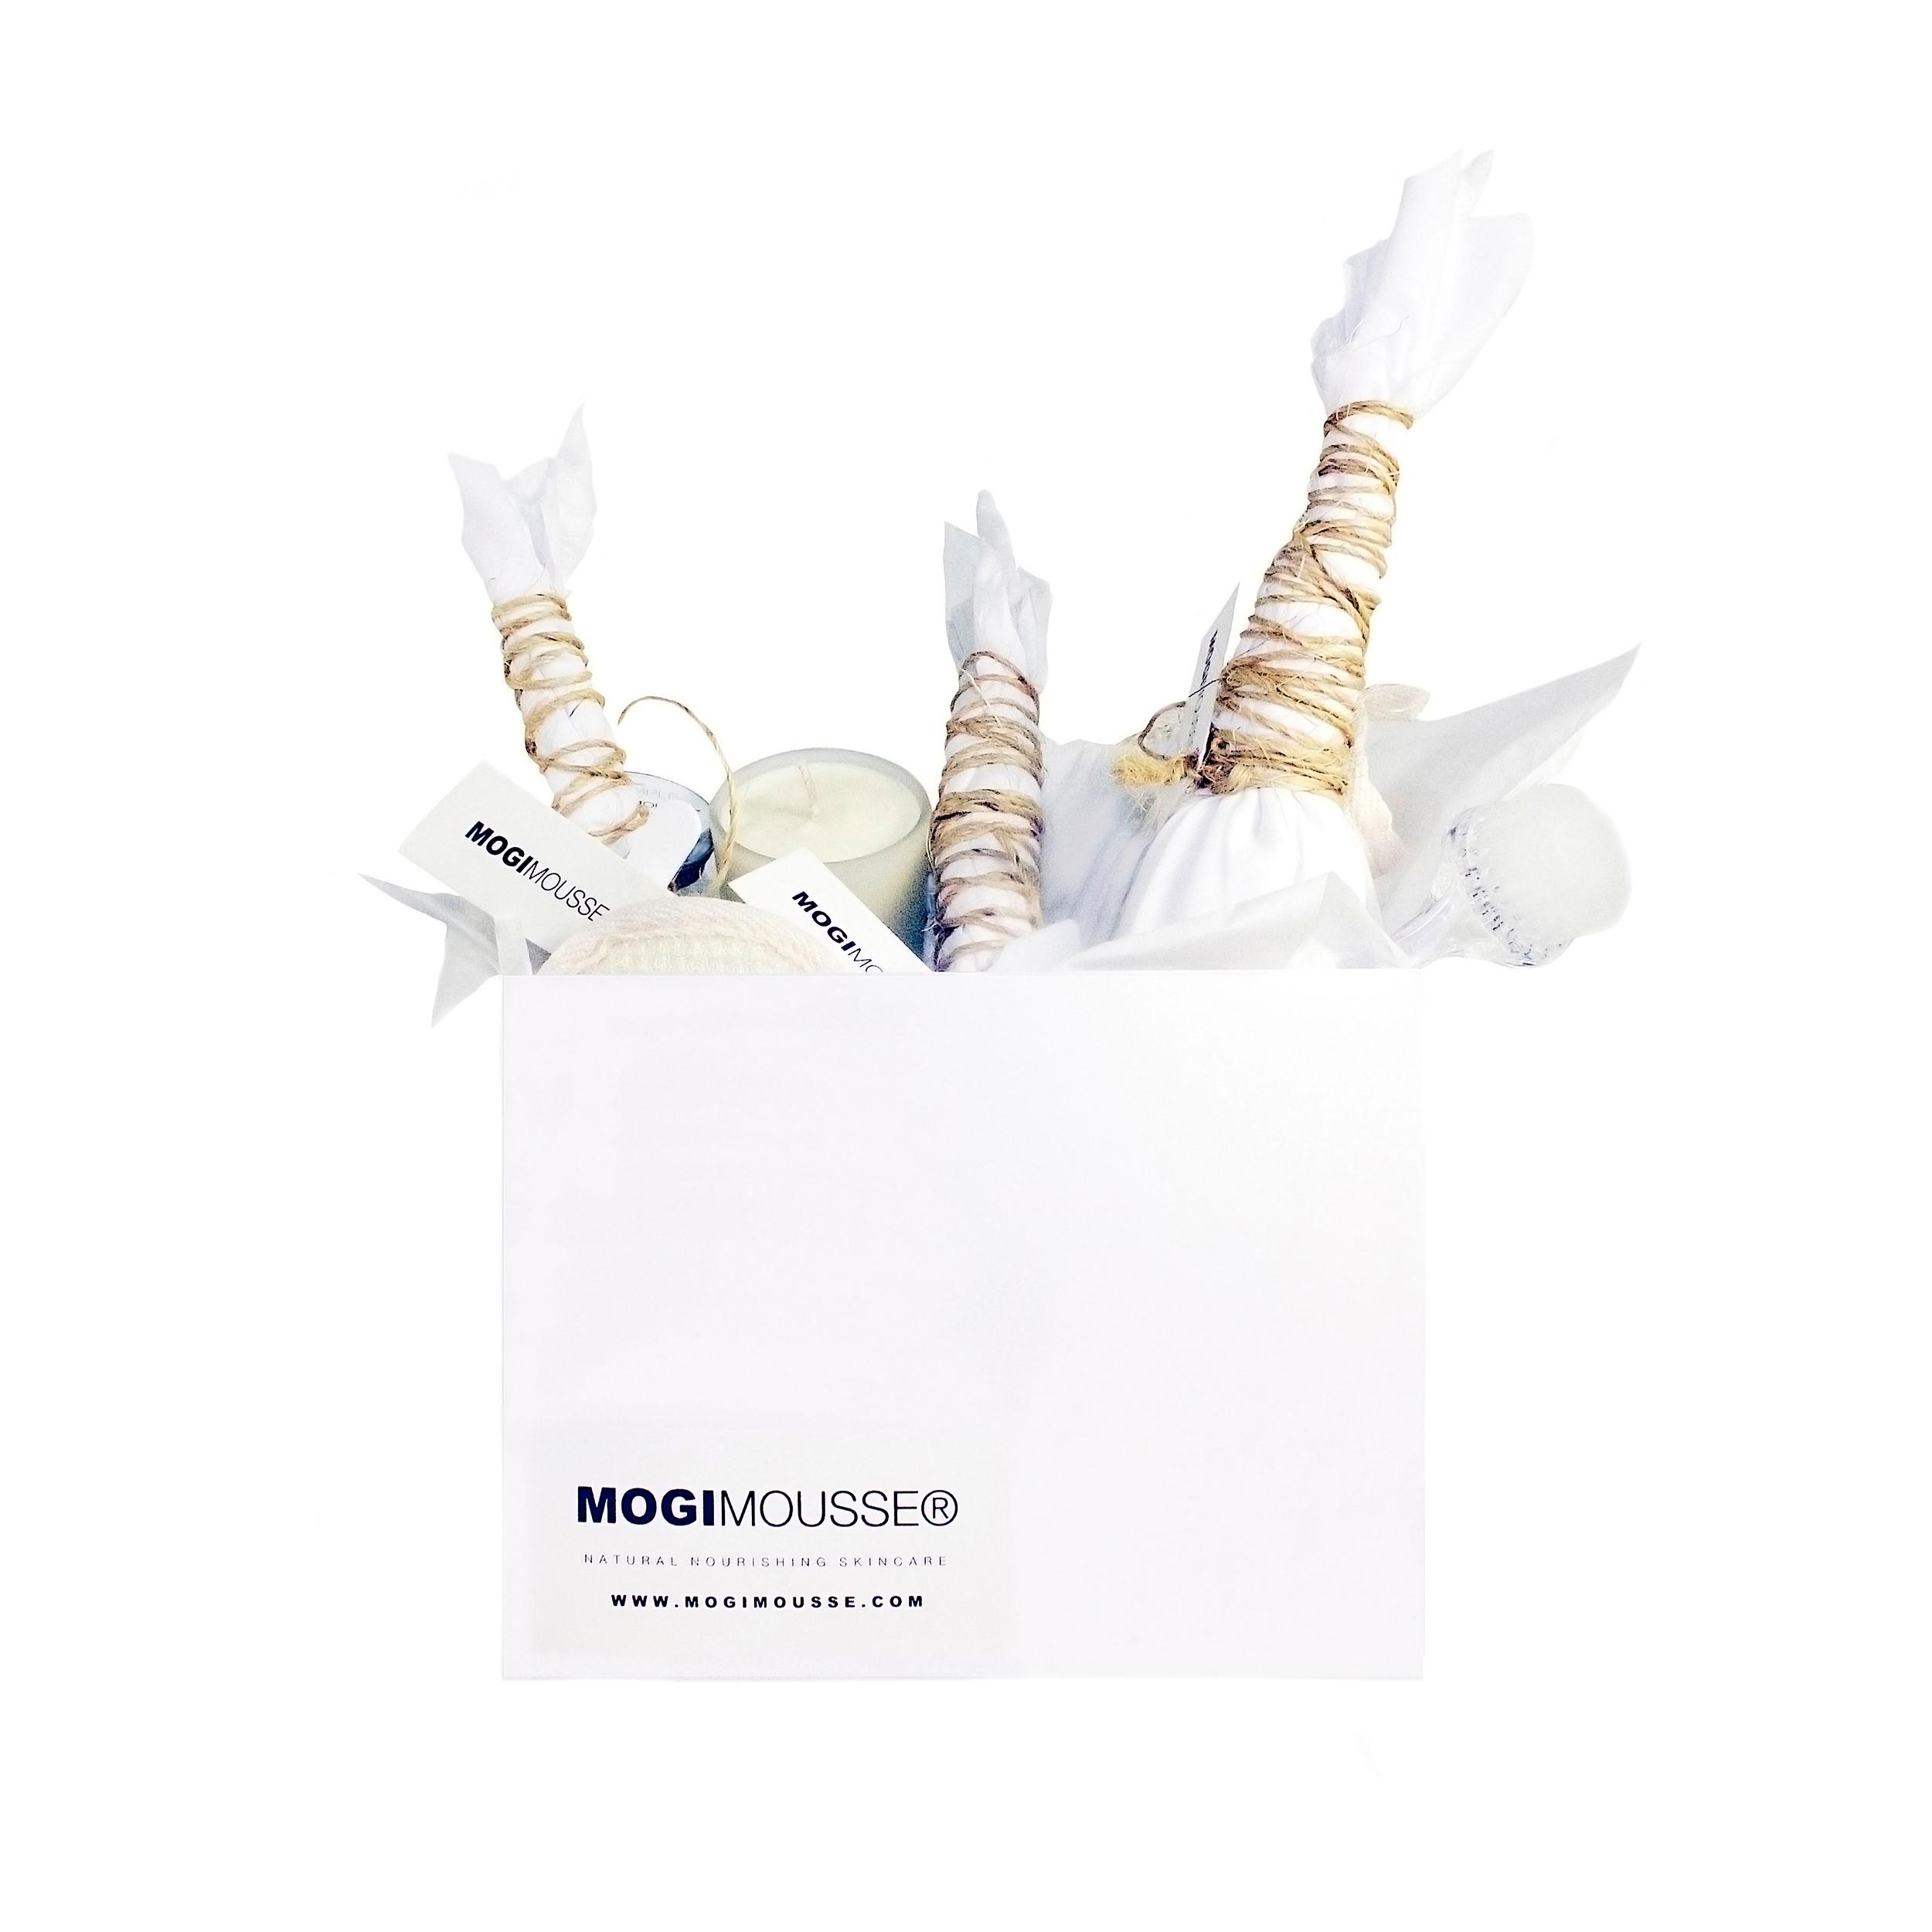 MOGI MOUSSE® GIFT SET